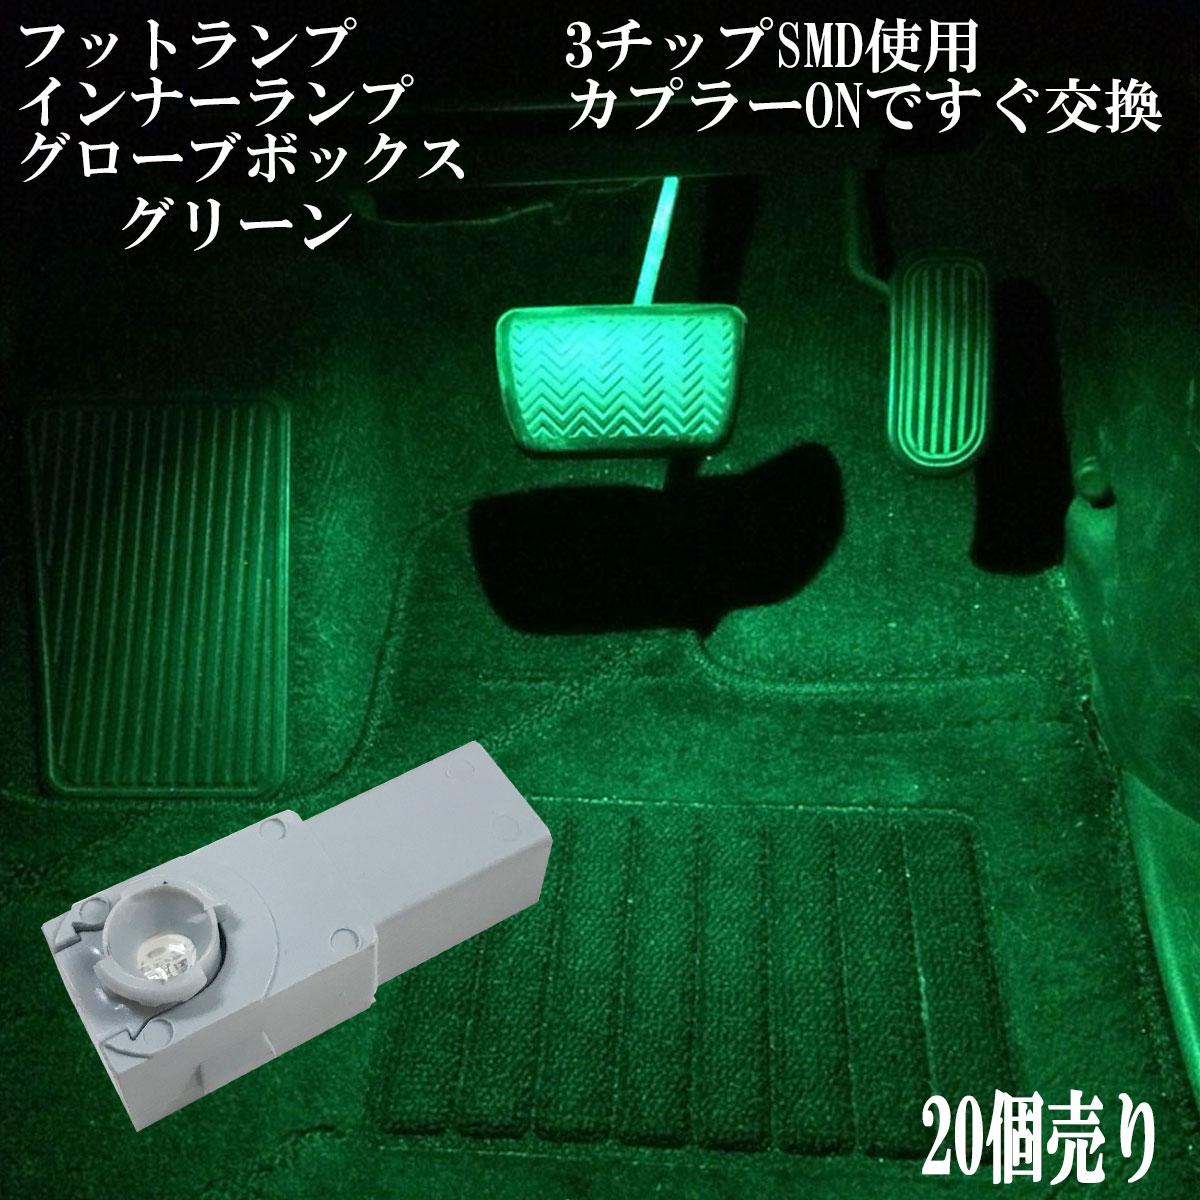 【まとめ買い】 LED 3チップSMD インナーランプ フットランプ グローブボックス コンソールボックス 【20点セット】【グリーン 緑色 】1年保証